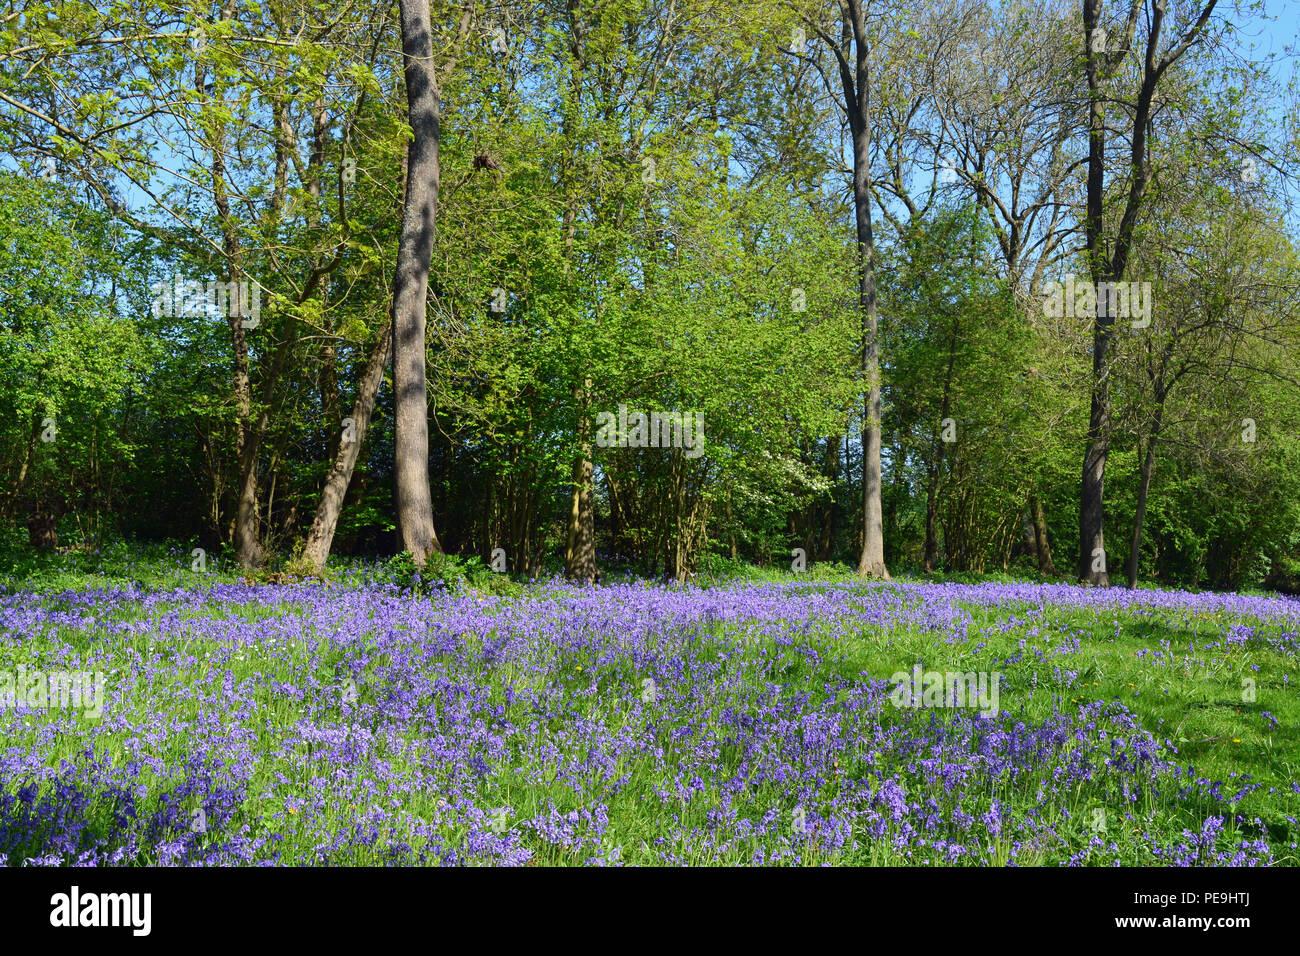 Bluebell Woods, Bredgar, Kent - Stock Image